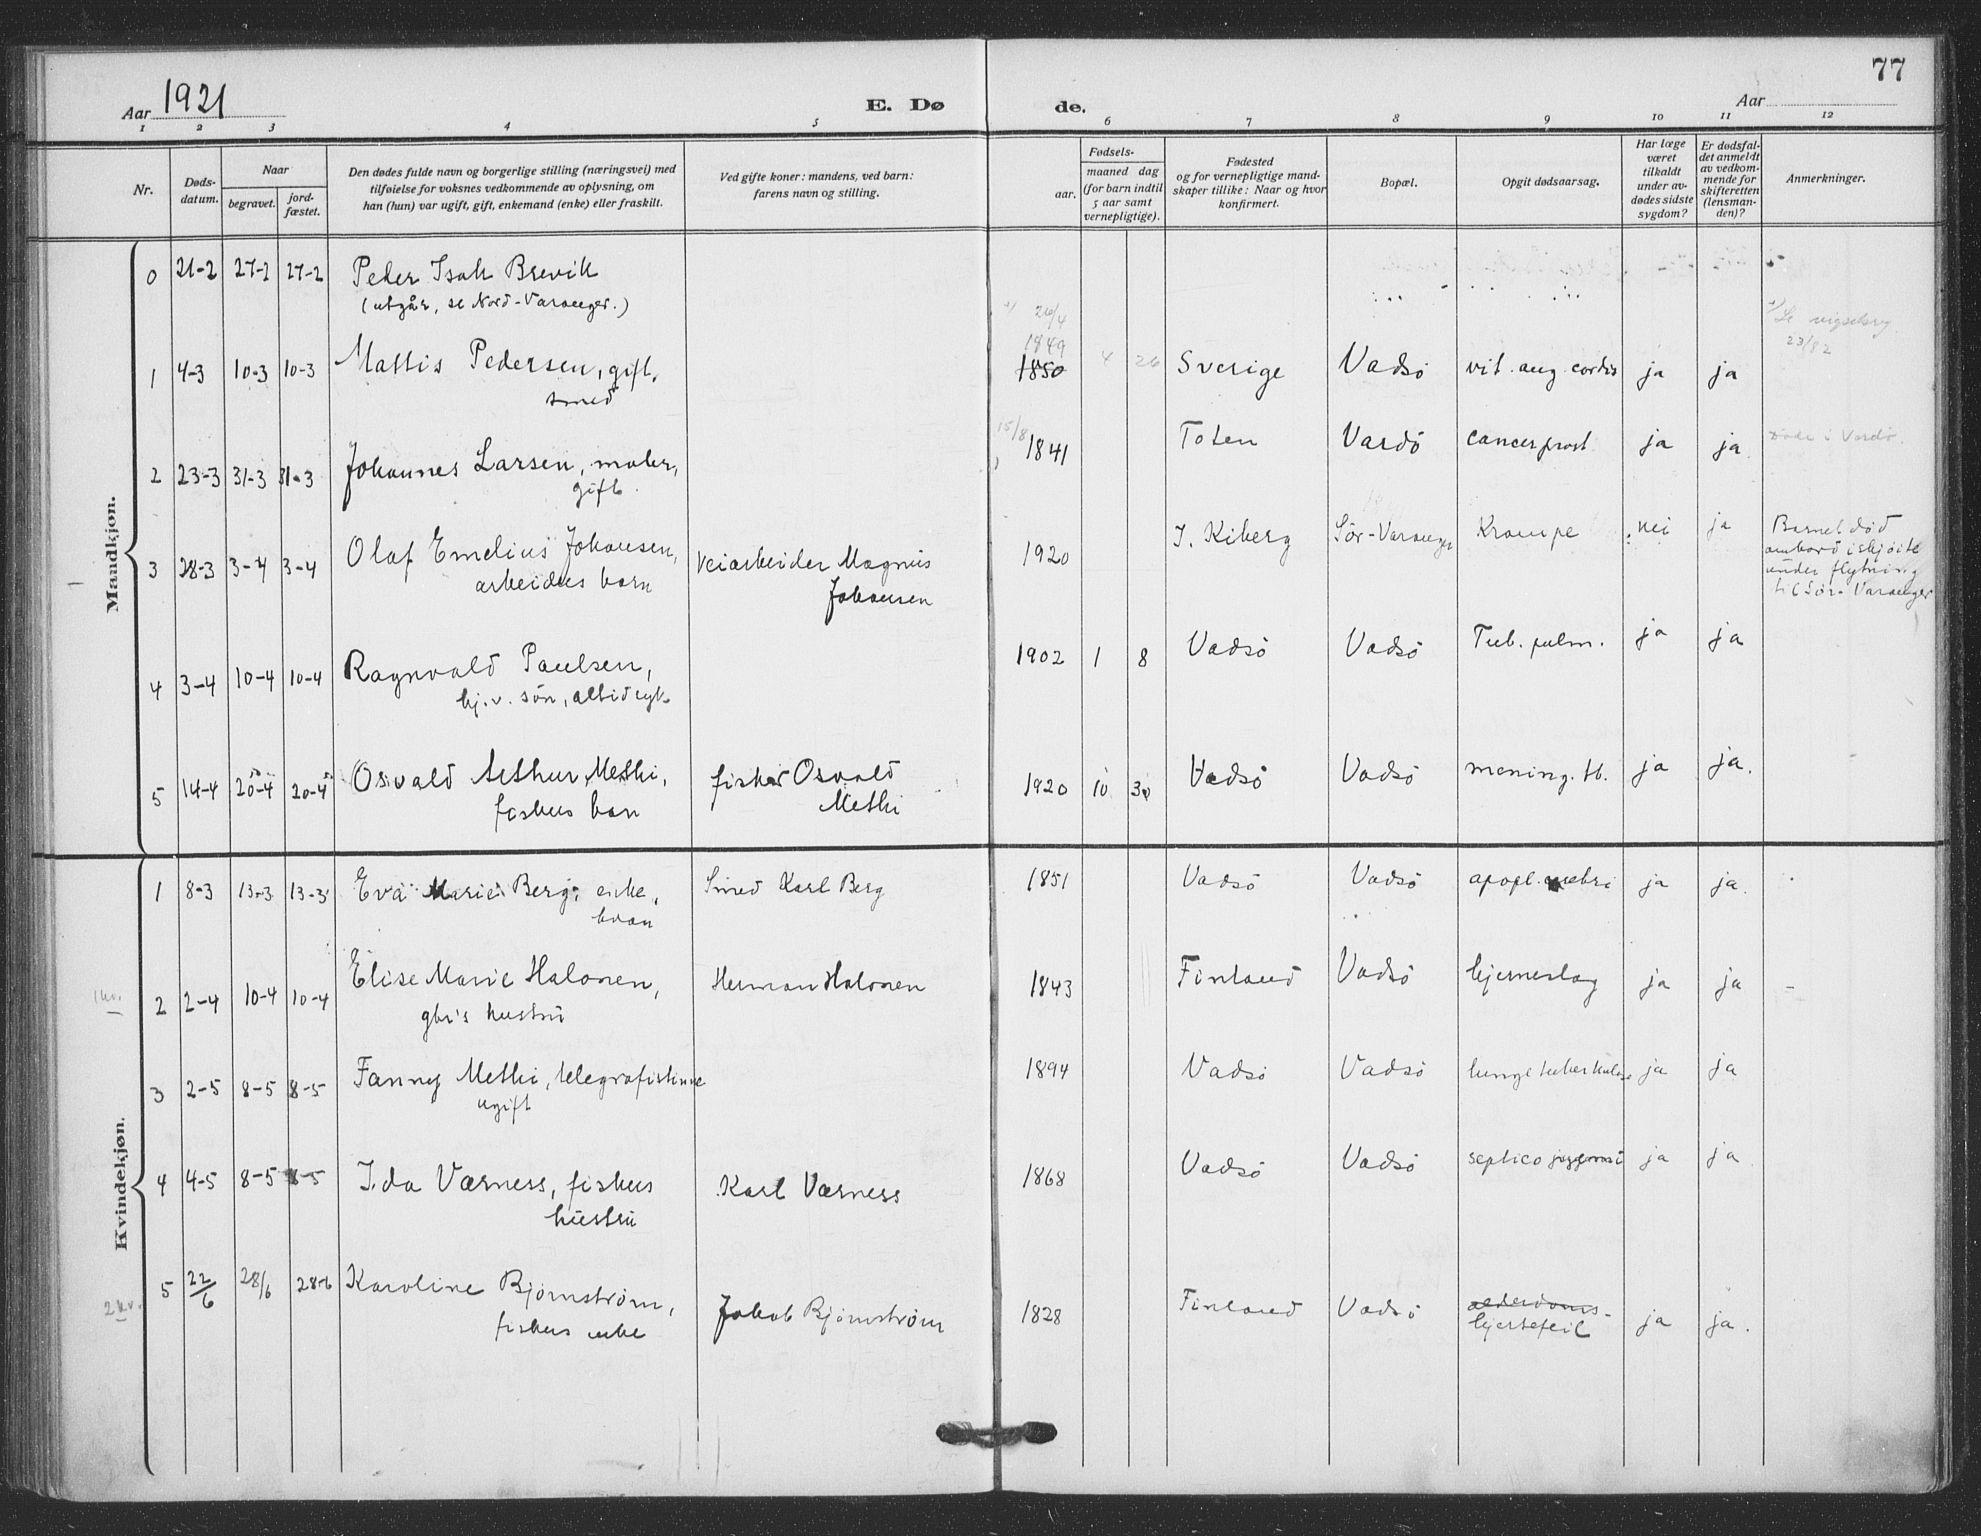 SATØ, Vadsø sokneprestkontor, H/Ha/L0008kirke: Ministerialbok nr. 8, 1912-1930, s. 77